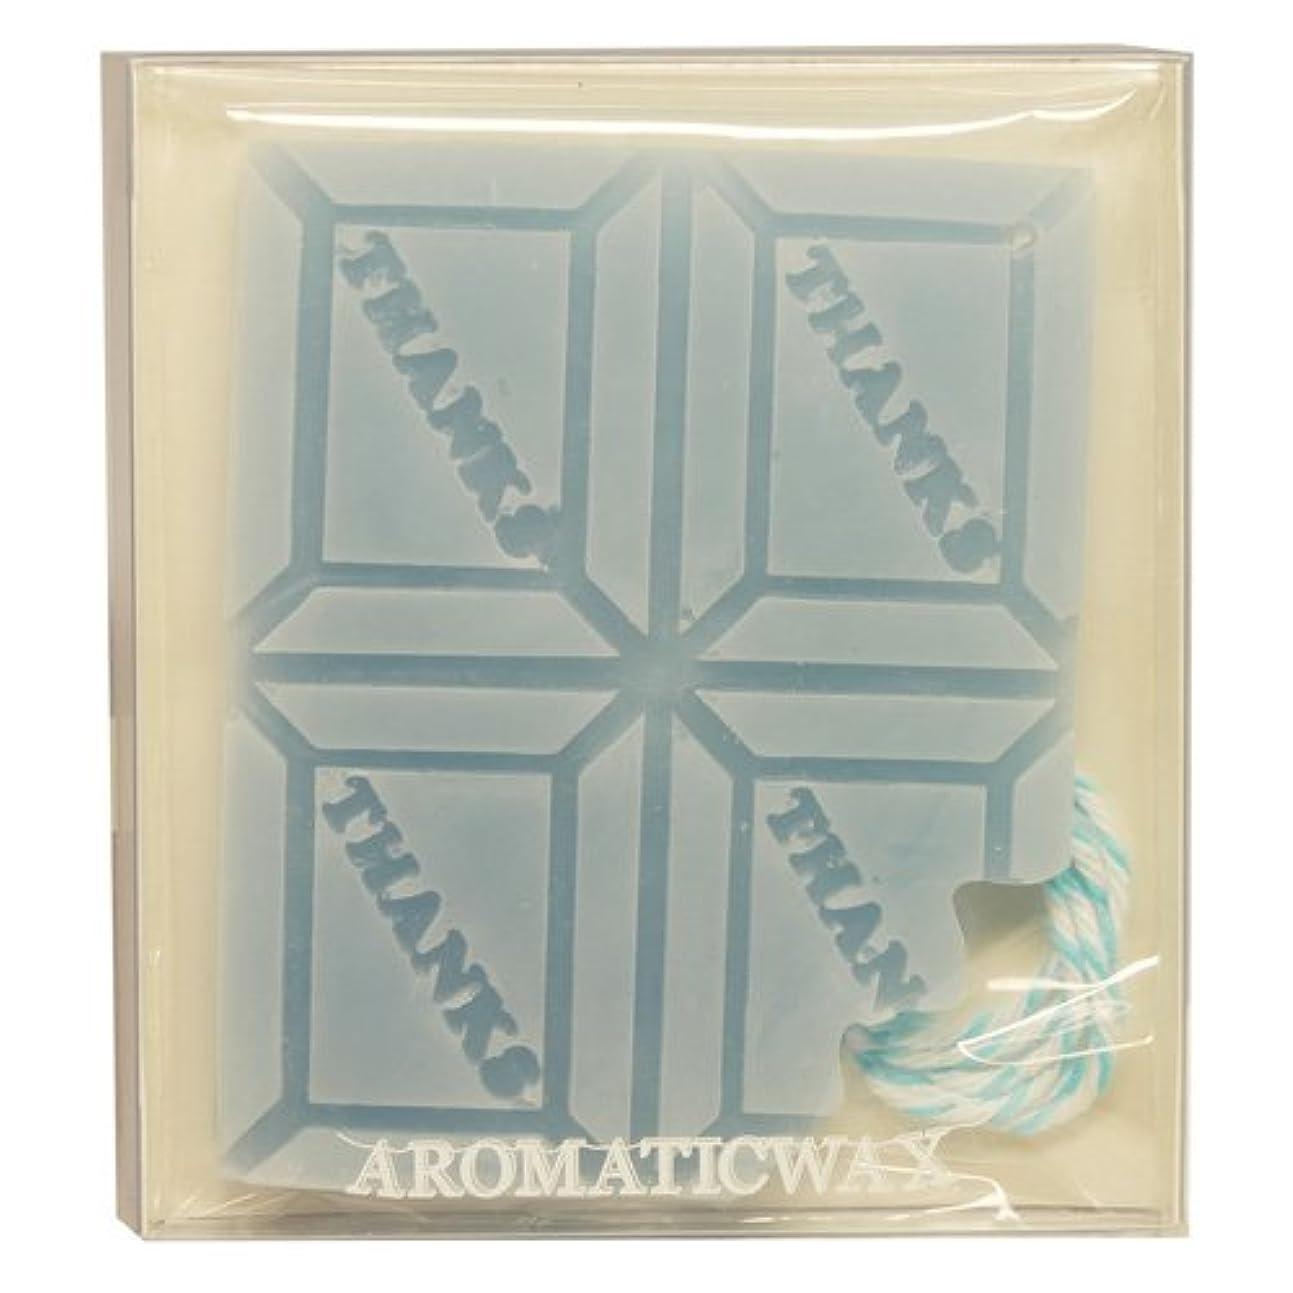 より多い静かに悪化させるGRASSE TOKYO AROMATICWAXチャーム「板チョコ(THANKS)」(BL) ローズマリー アロマティックワックス グラーストウキョウ